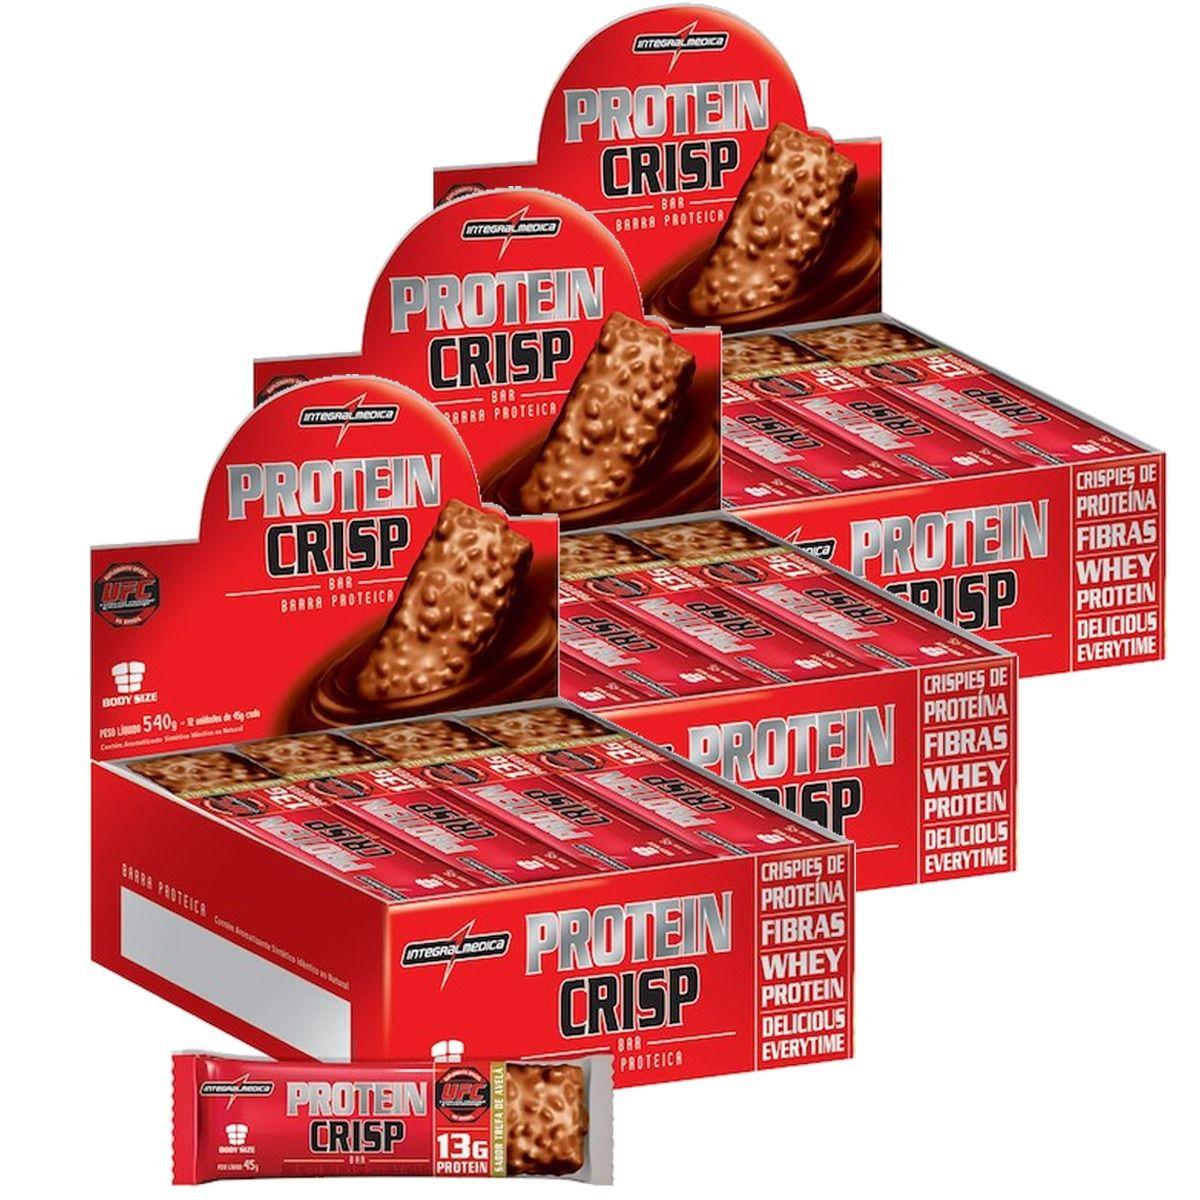 3x Protein Crisp 12 Uni. (36 Total)